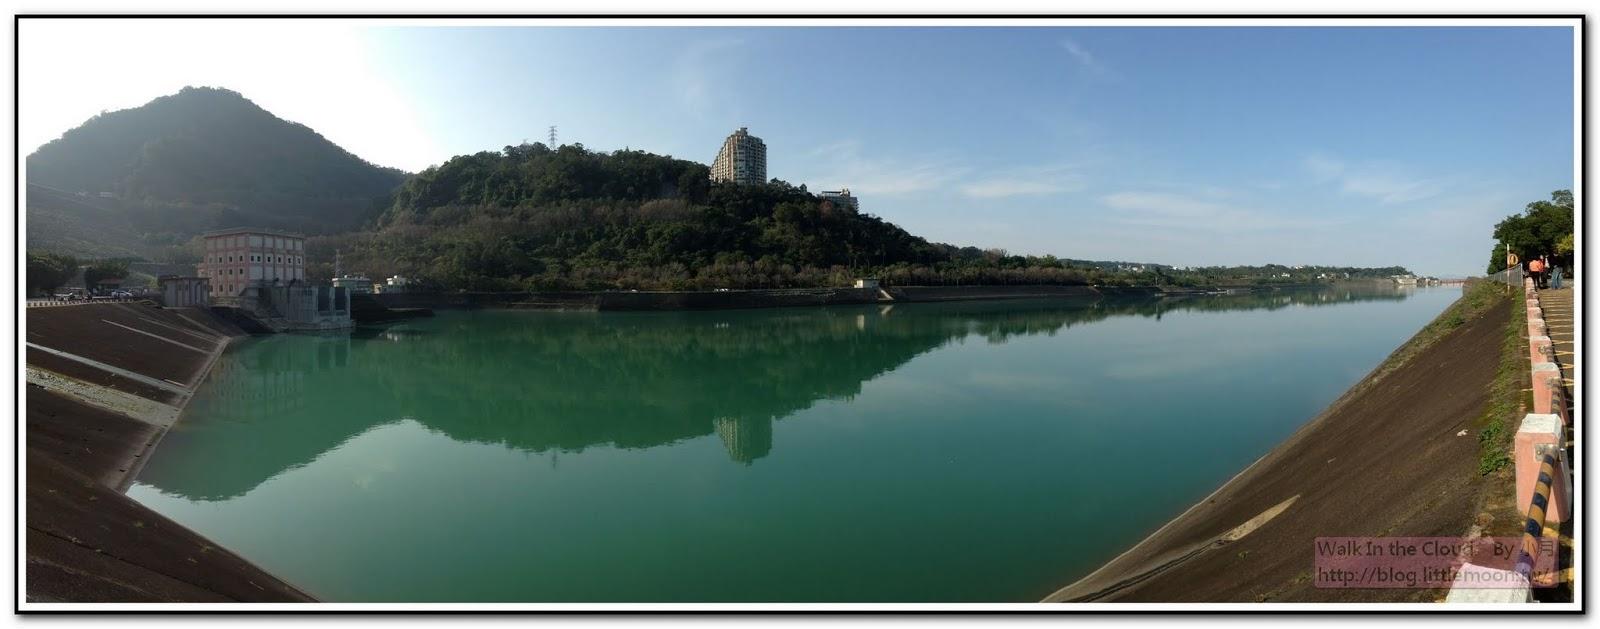 搶先看之iPhone5 全景石門水庫